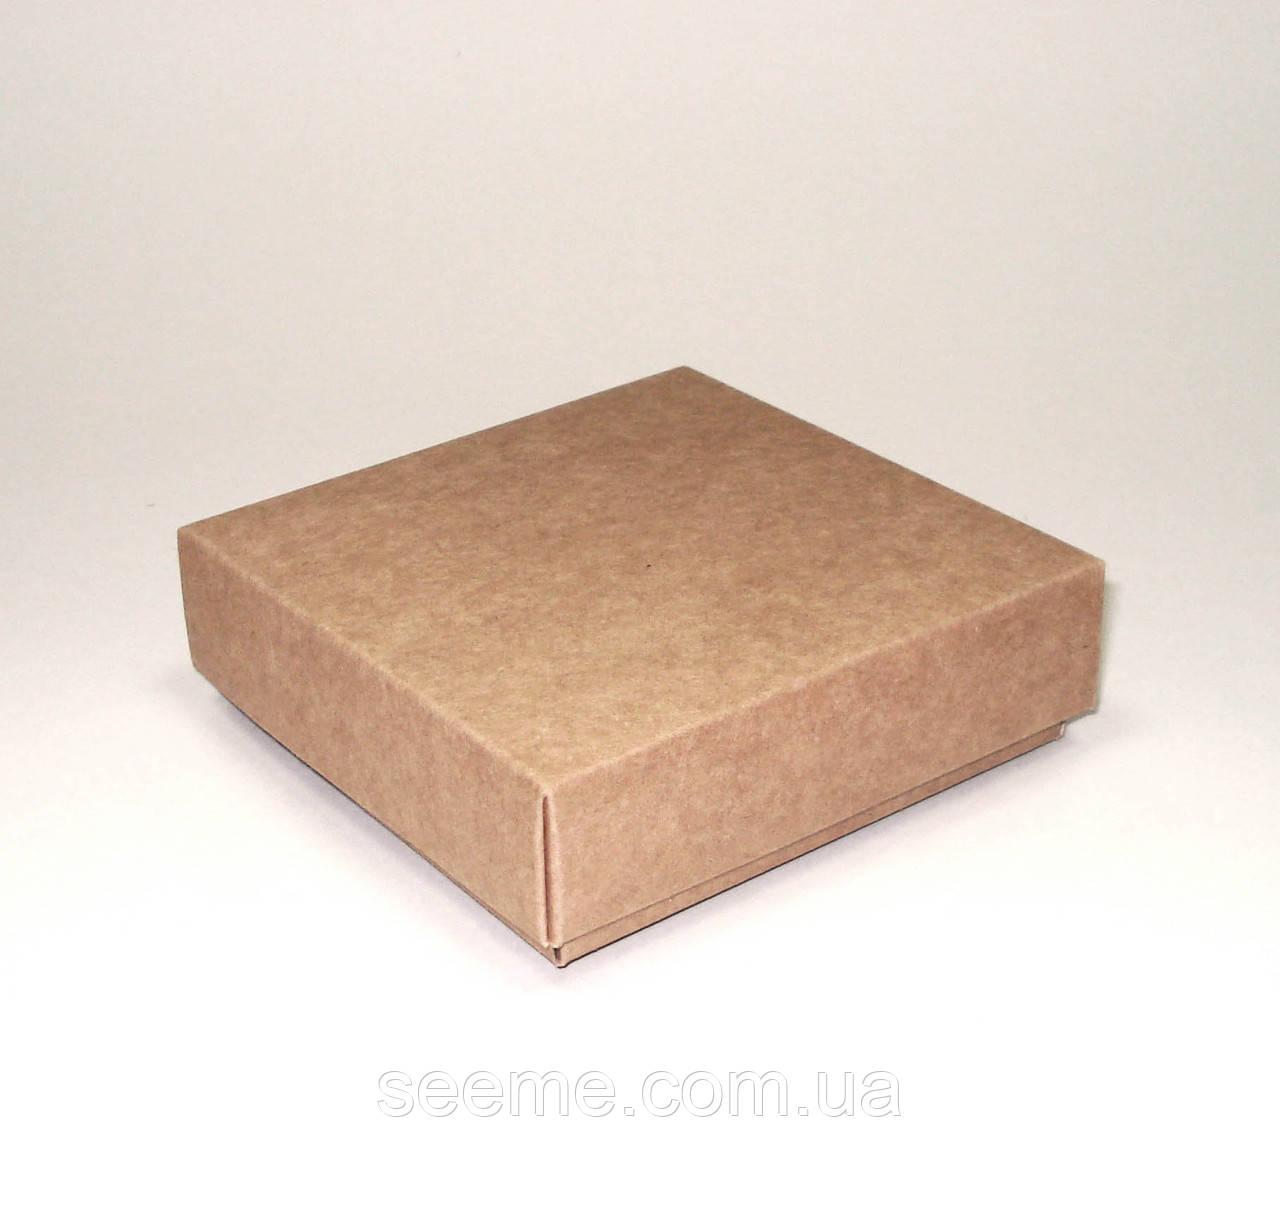 Коробка подарочная 100x100x30 мм.